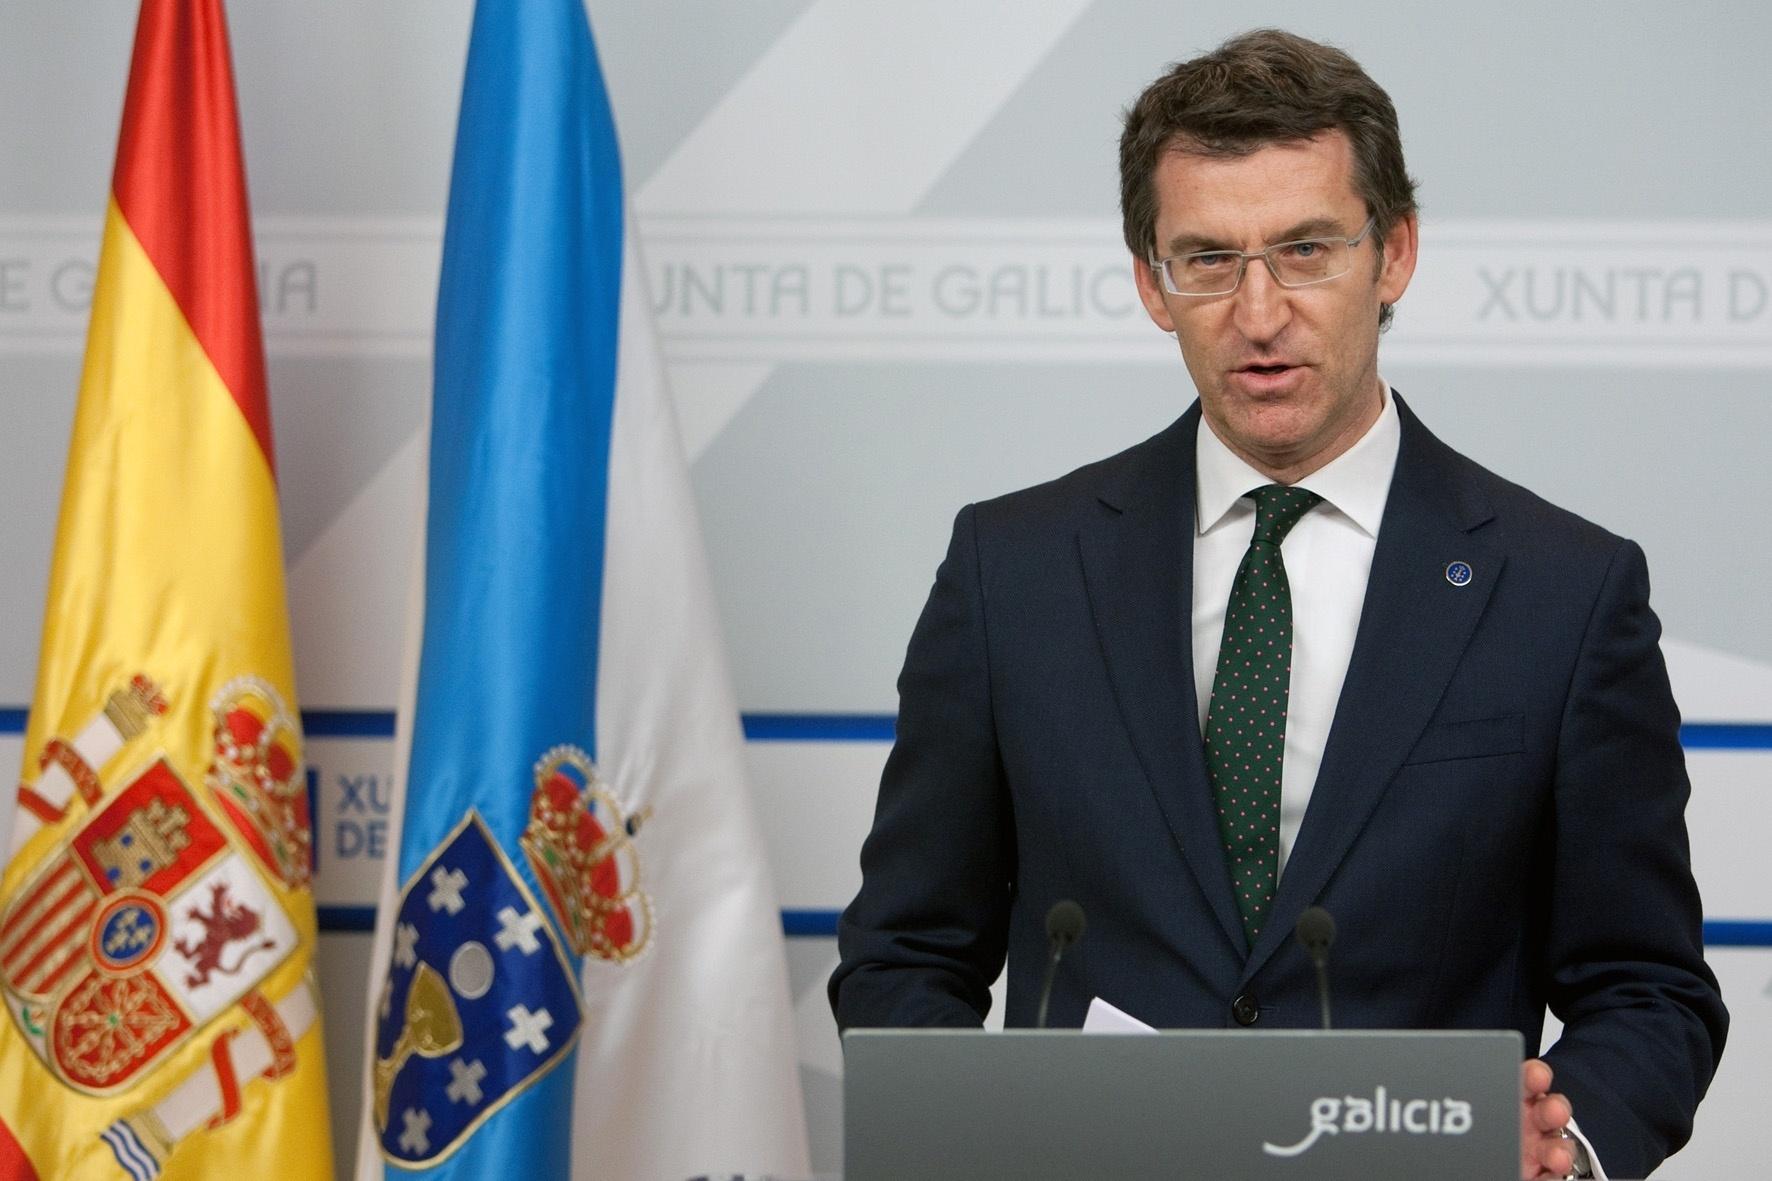 Feijóo reclama «explicaciones contundentes» a la «Alcaldía» de Santiago, pero rechaza «condenar a nadie»